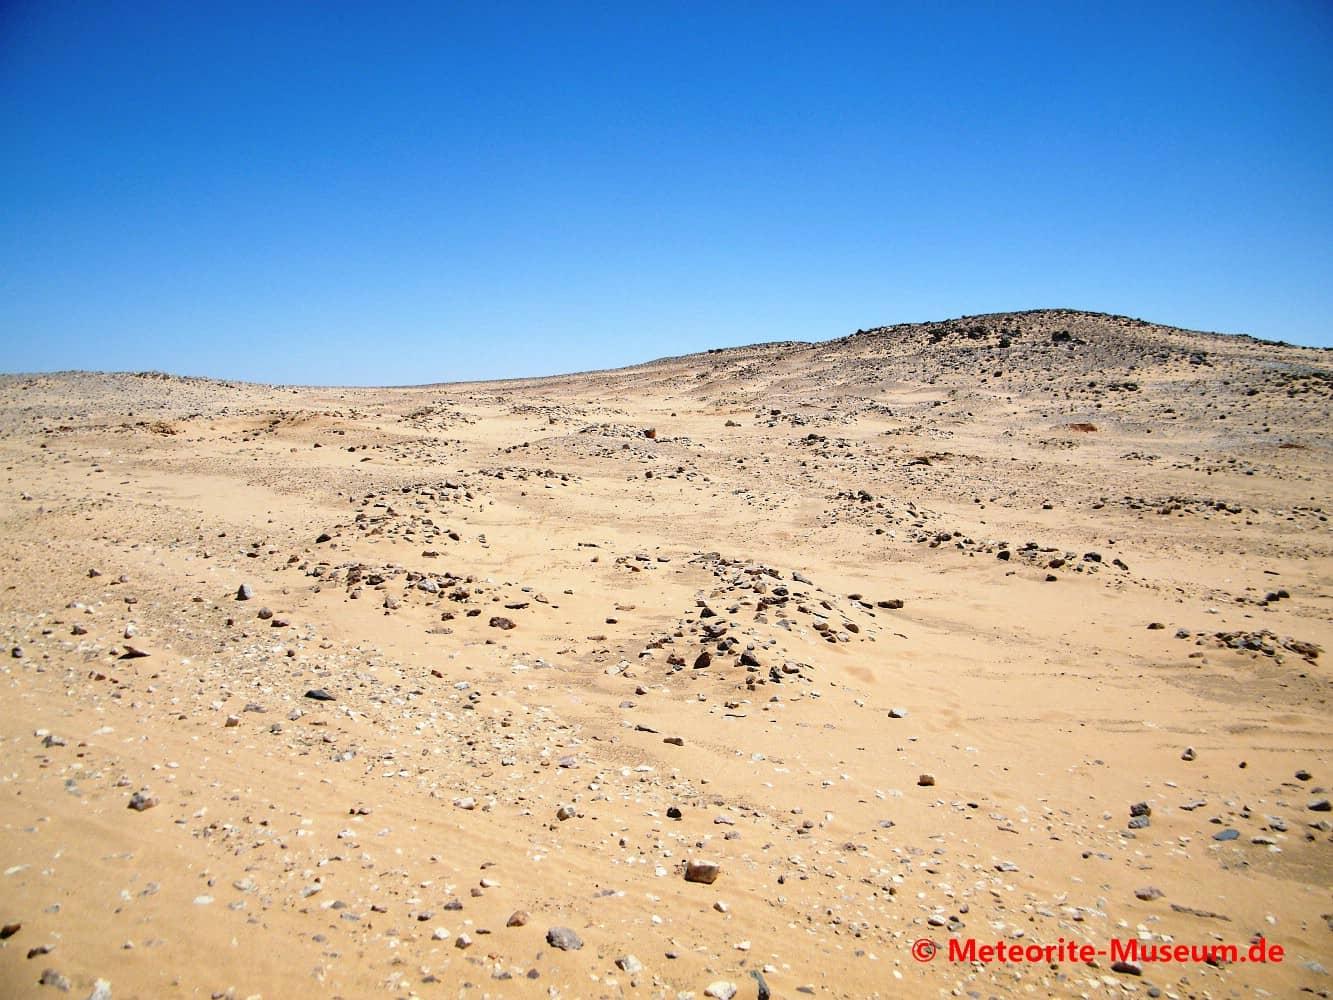 Die nubische Wüste mit Steinfelder, Hügel und tief blauem Himmel nahe der Almahata Sitta Meteoriten-Fundstelle